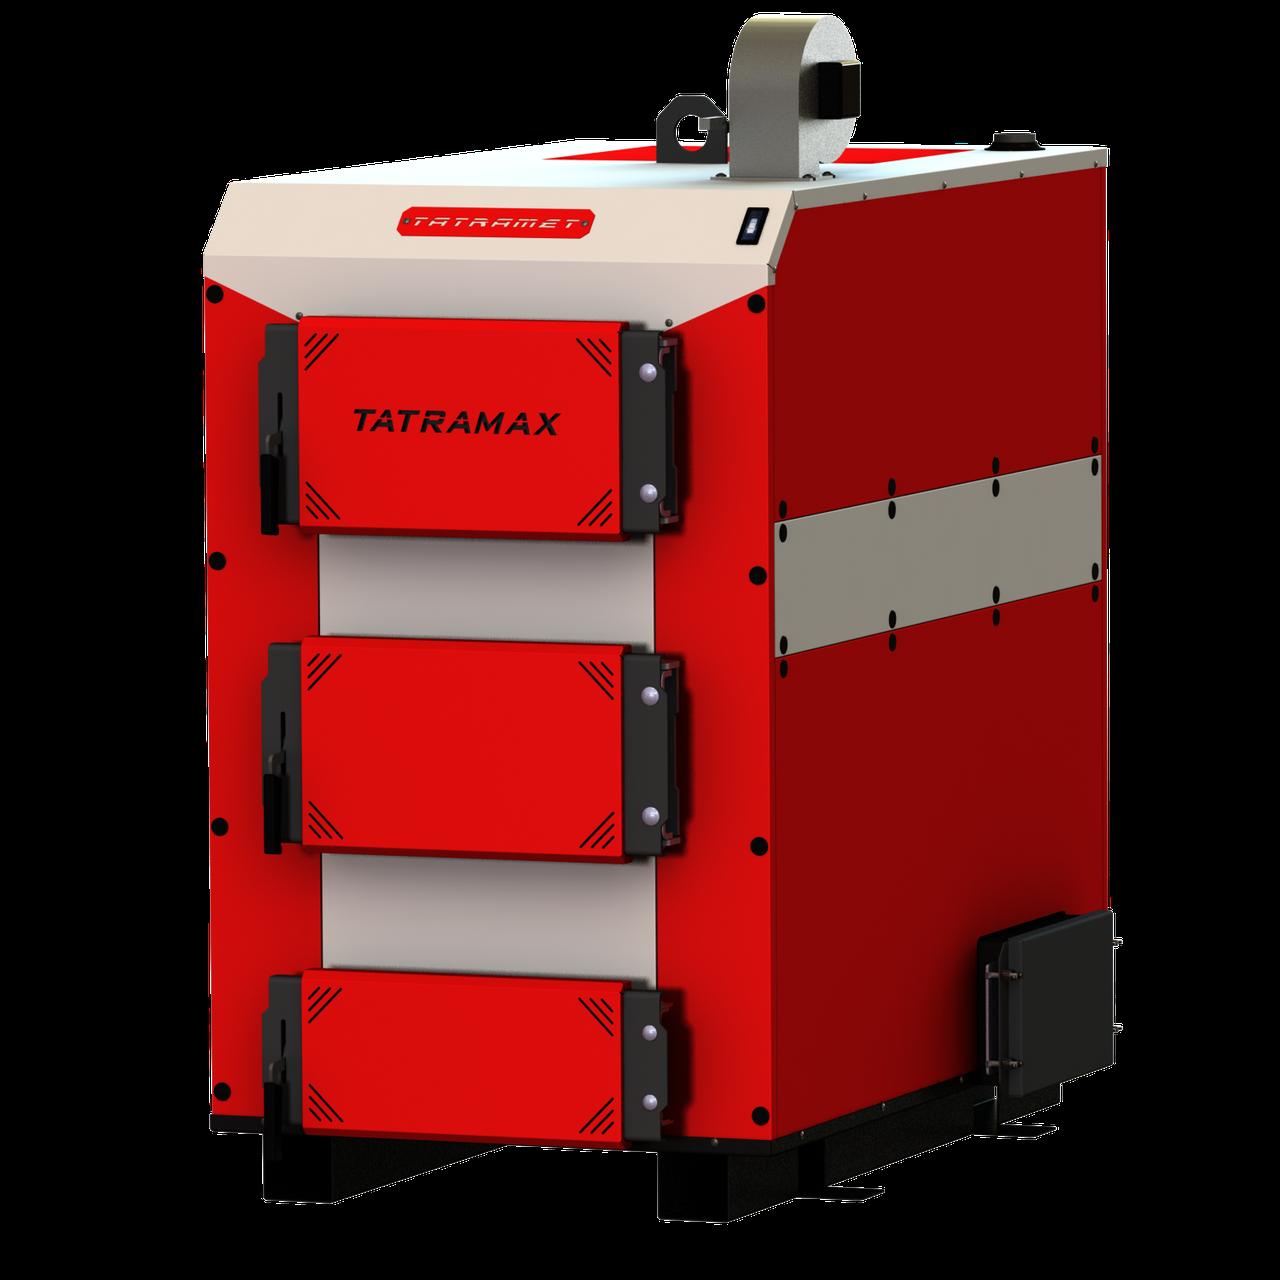 Посилений промисловий котел TATRAMET MAX з товщиною стали: 8мм (ТАТРАМЕТ МАКС) потужність: 60 квт